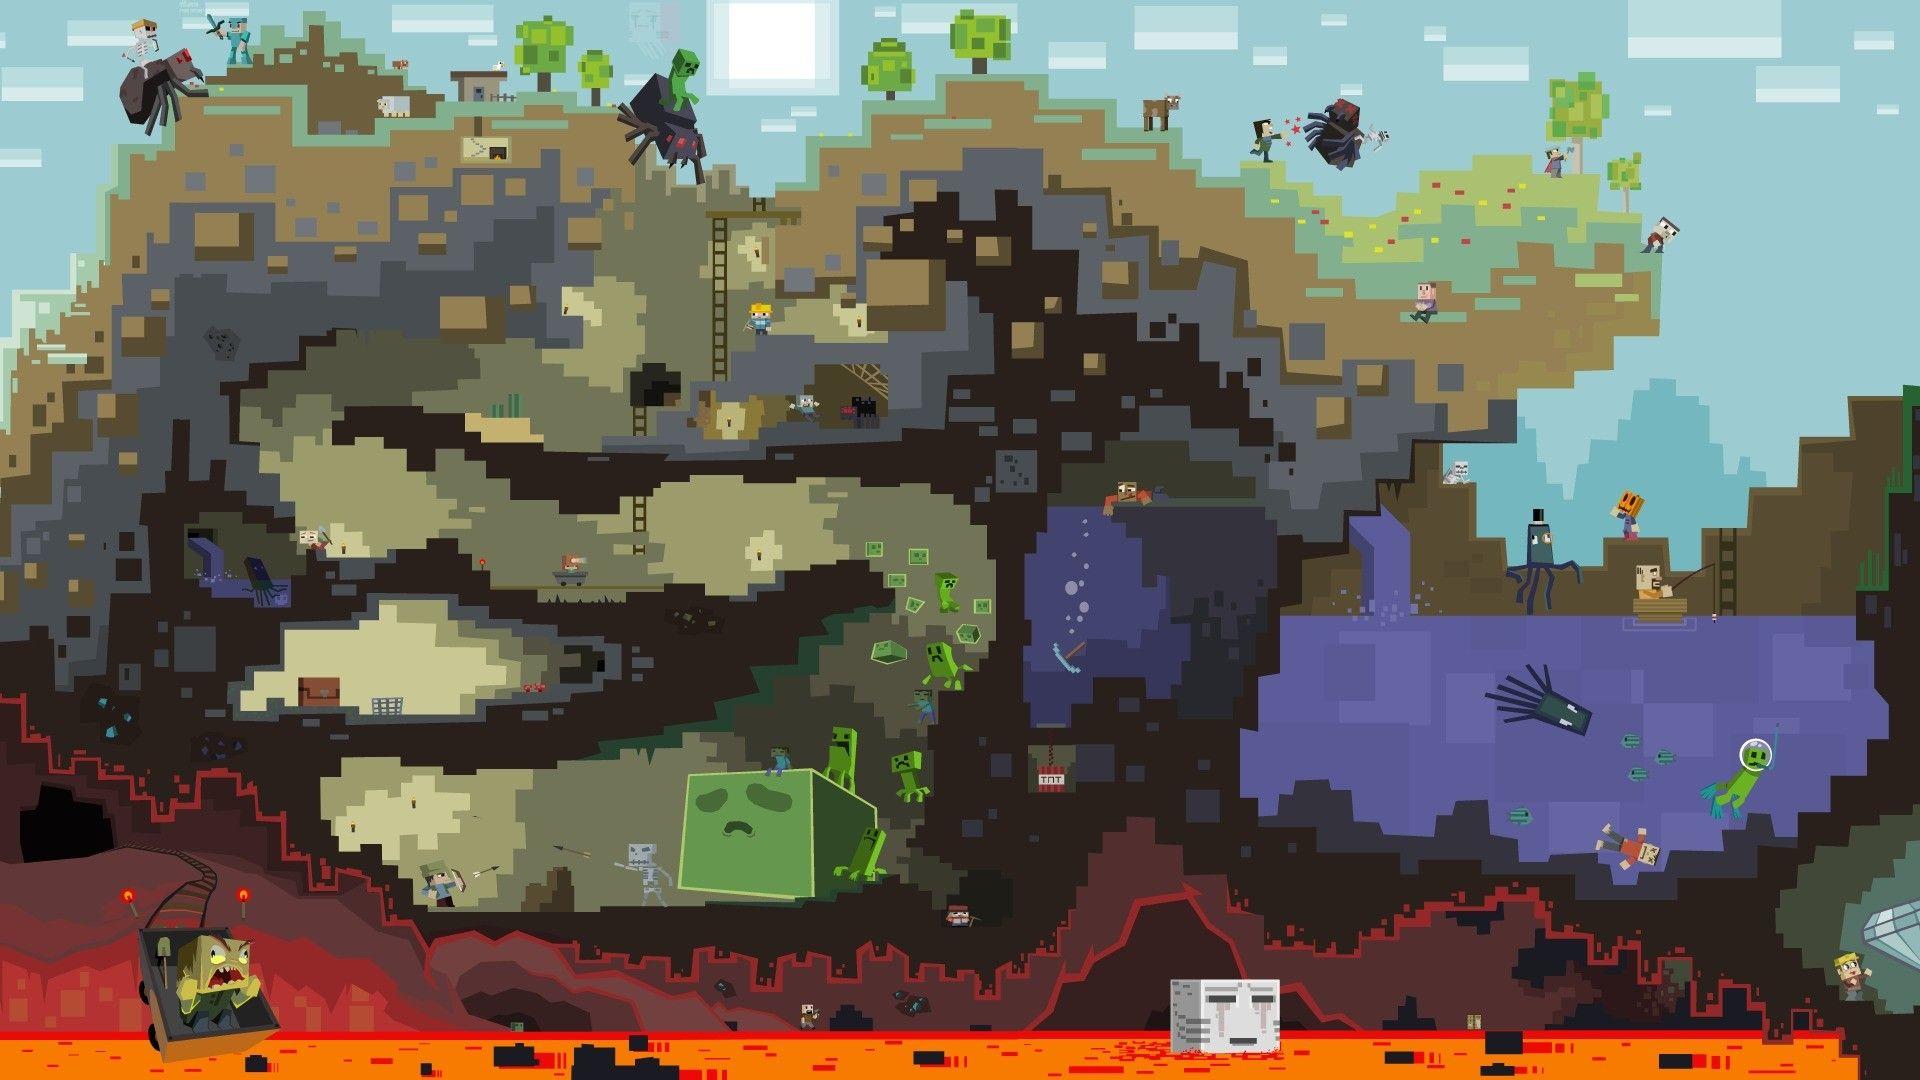 Top Wallpaper Minecraft Poster - ca5f41c67e4315202d0fbf8cd8977b5a  You Should Have_282930.jpg